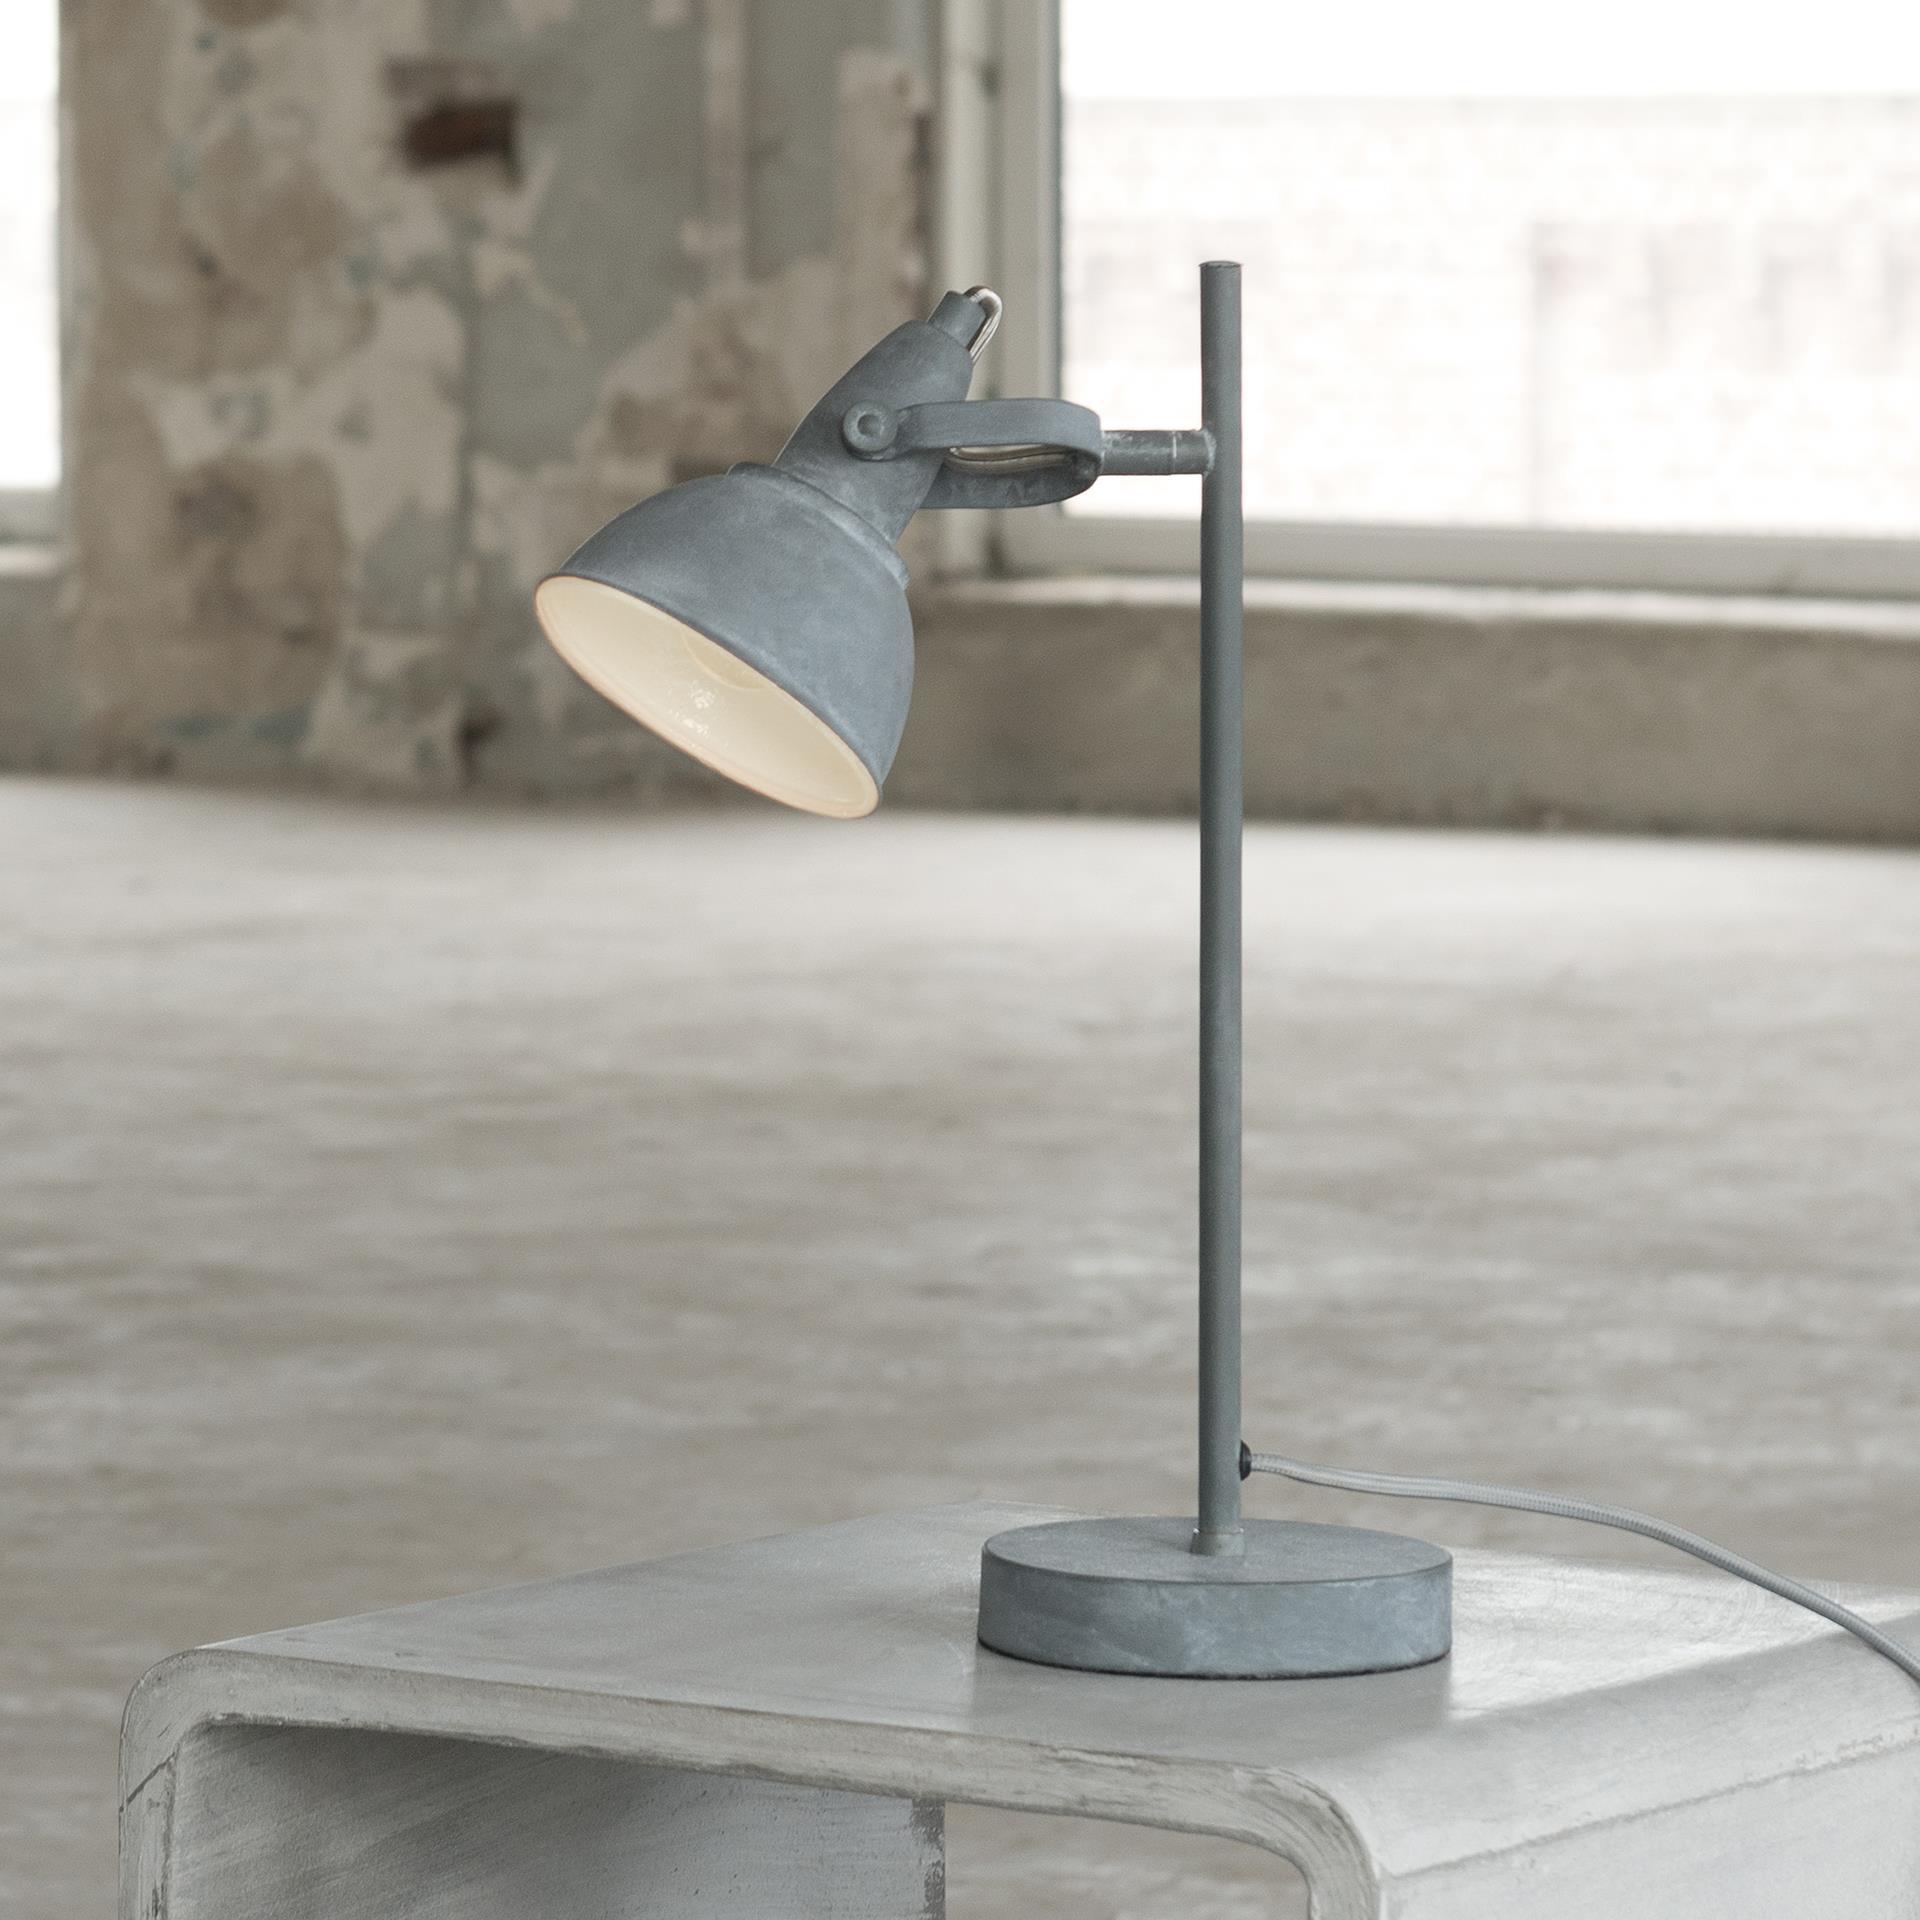 Tafellamp 'Andre' betonlook Verlichting | Tafellampen kopen